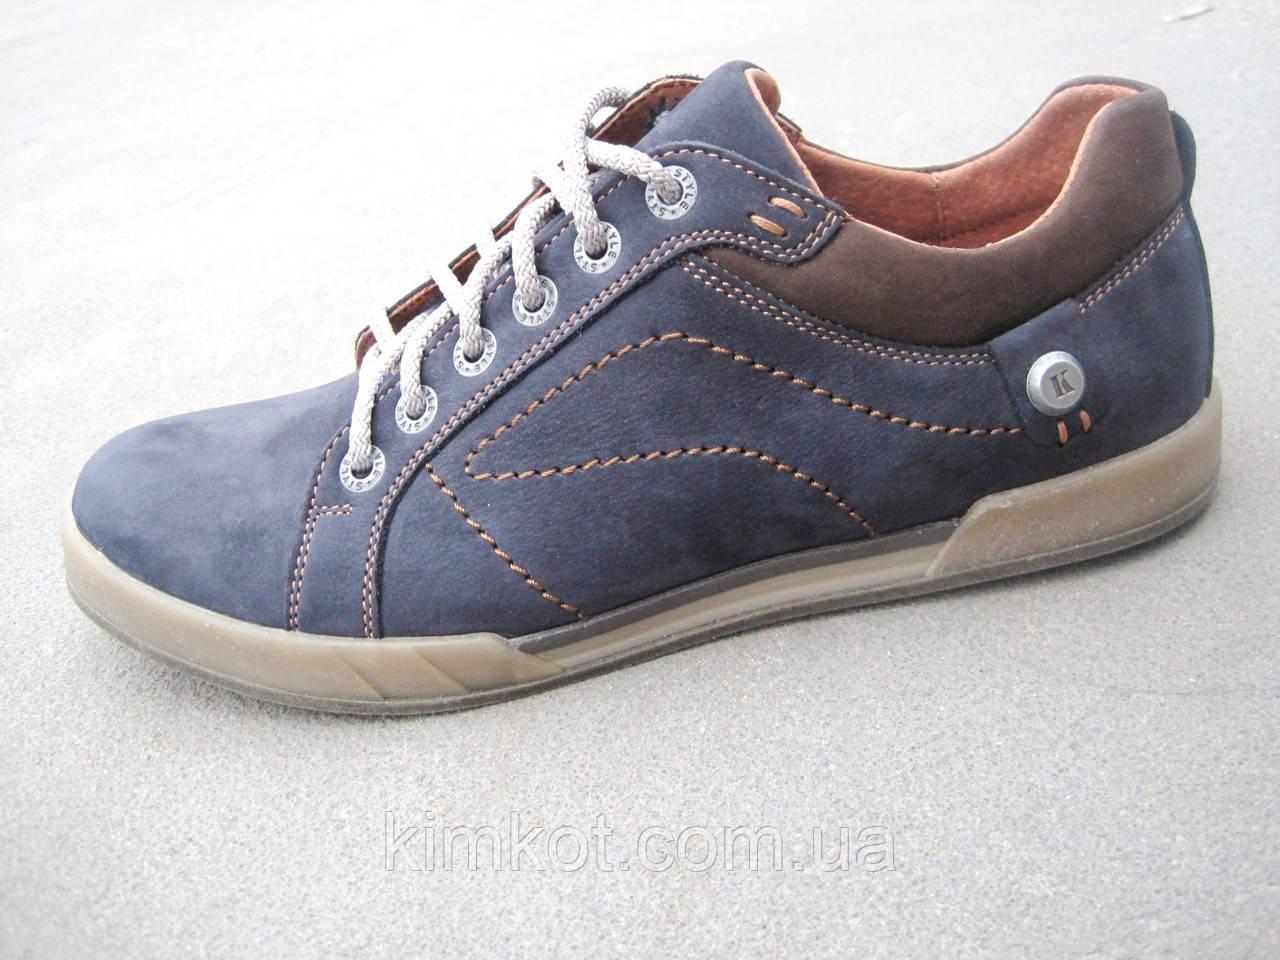 5cdd52b0c Кроссовки -кеды мужские кожаные KARDINAL 40 -45 р-р: продажа, цена в ...